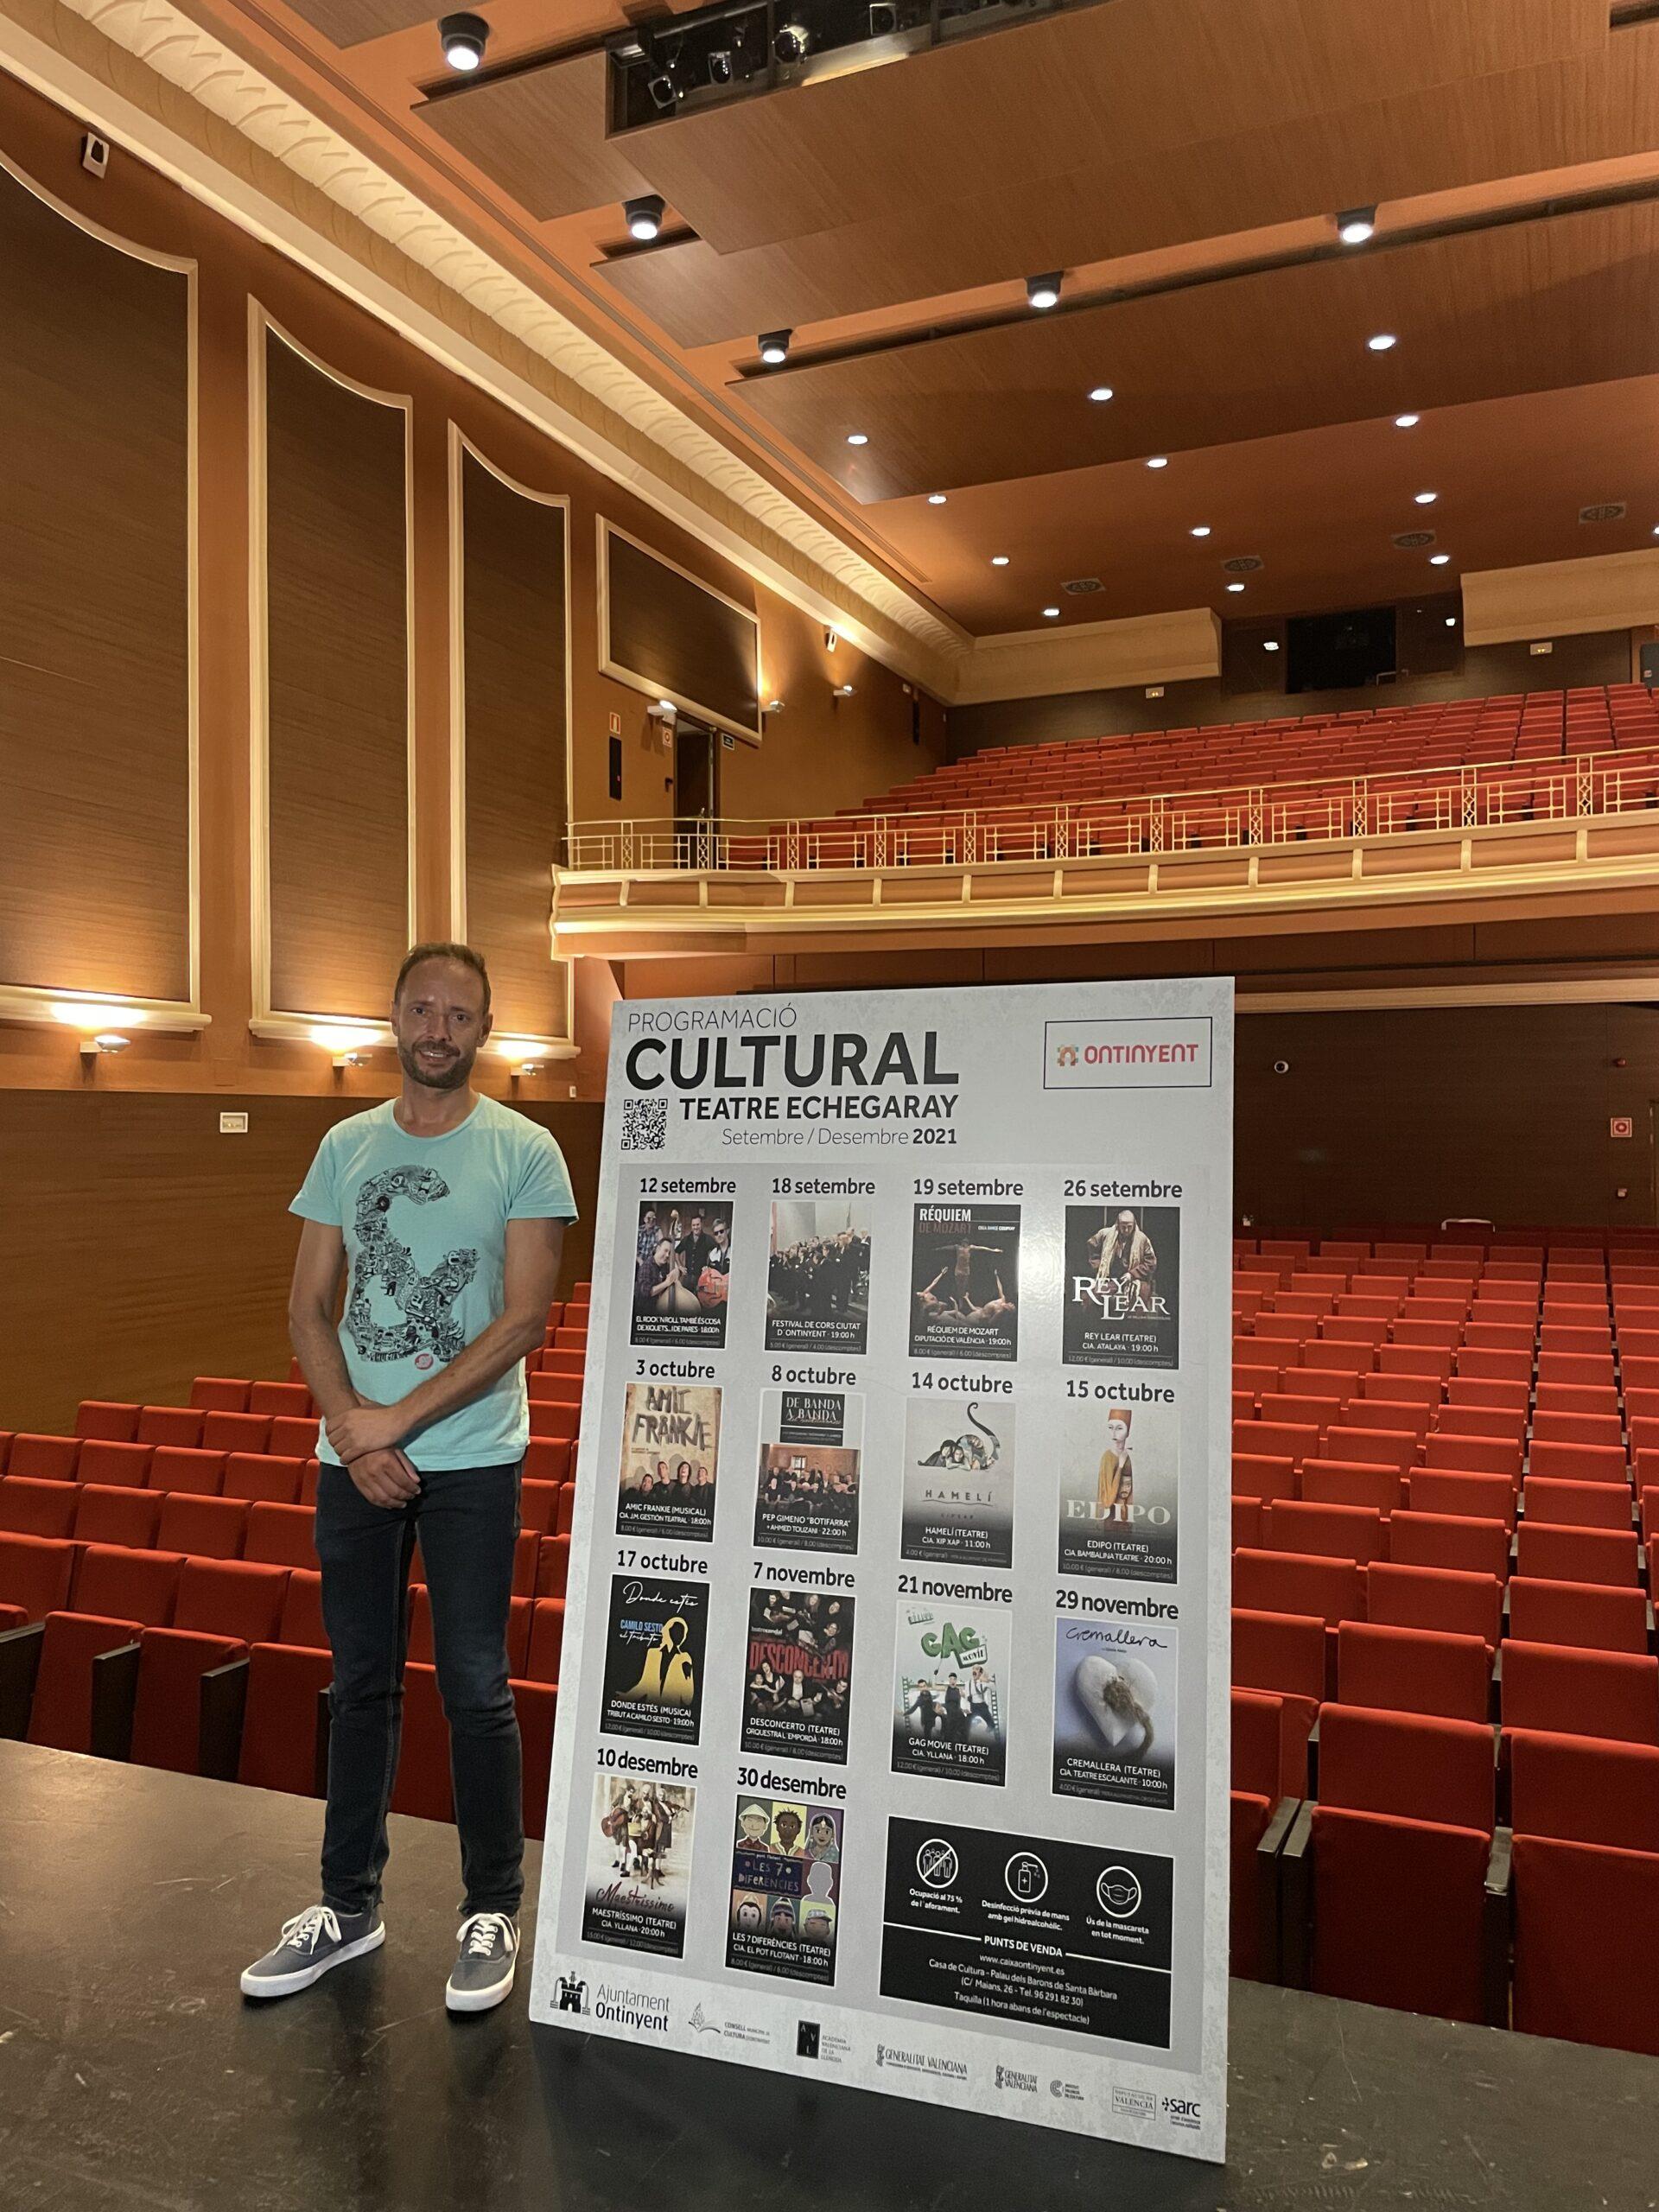 El teatre Echegaray obri el teló de la cultura segura El Periòdic d'Ontinyent - Noticies a Ontinyent